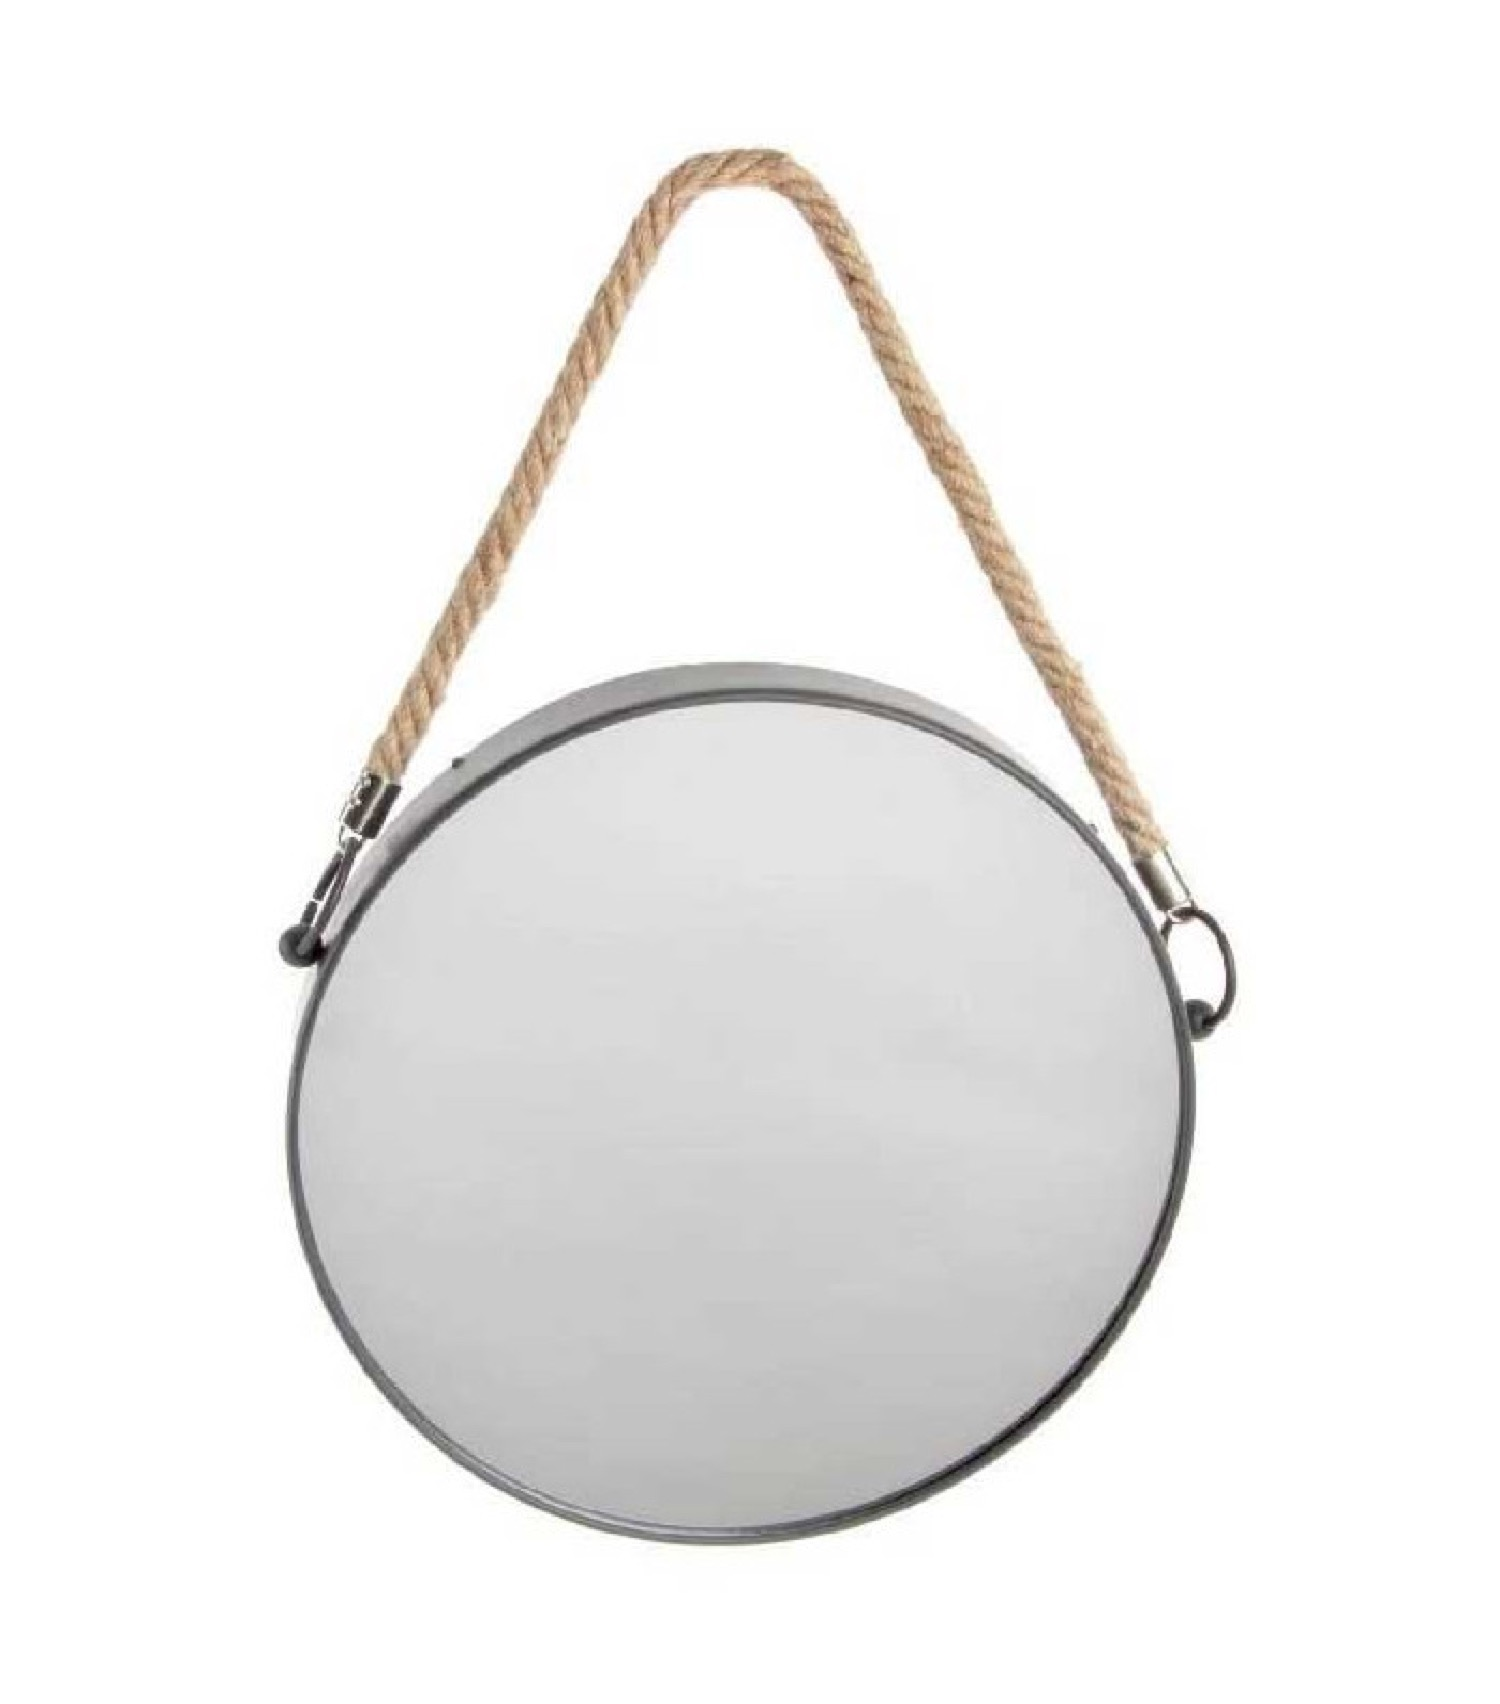 Miroir suspendu métal noir rond lanière corde D31cm